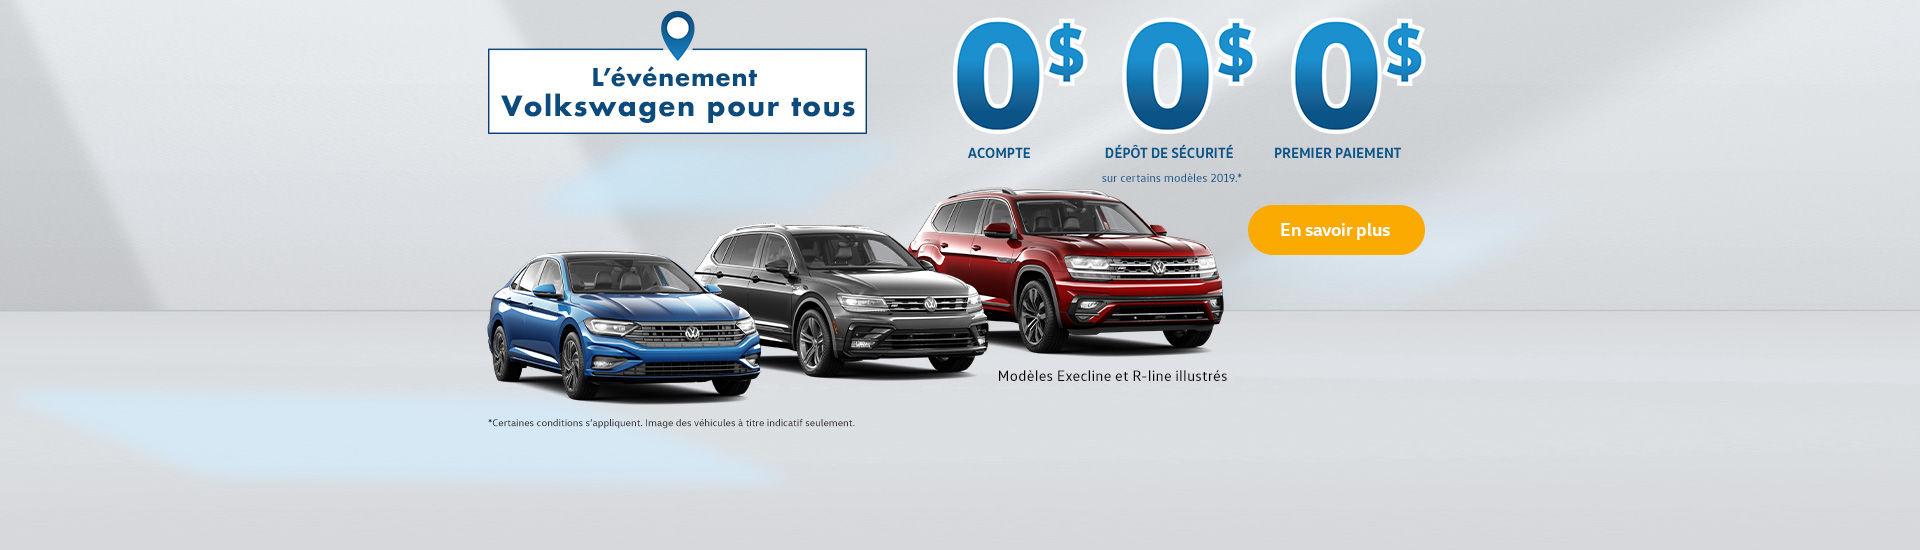 L'événement Volkswagen pour tous!